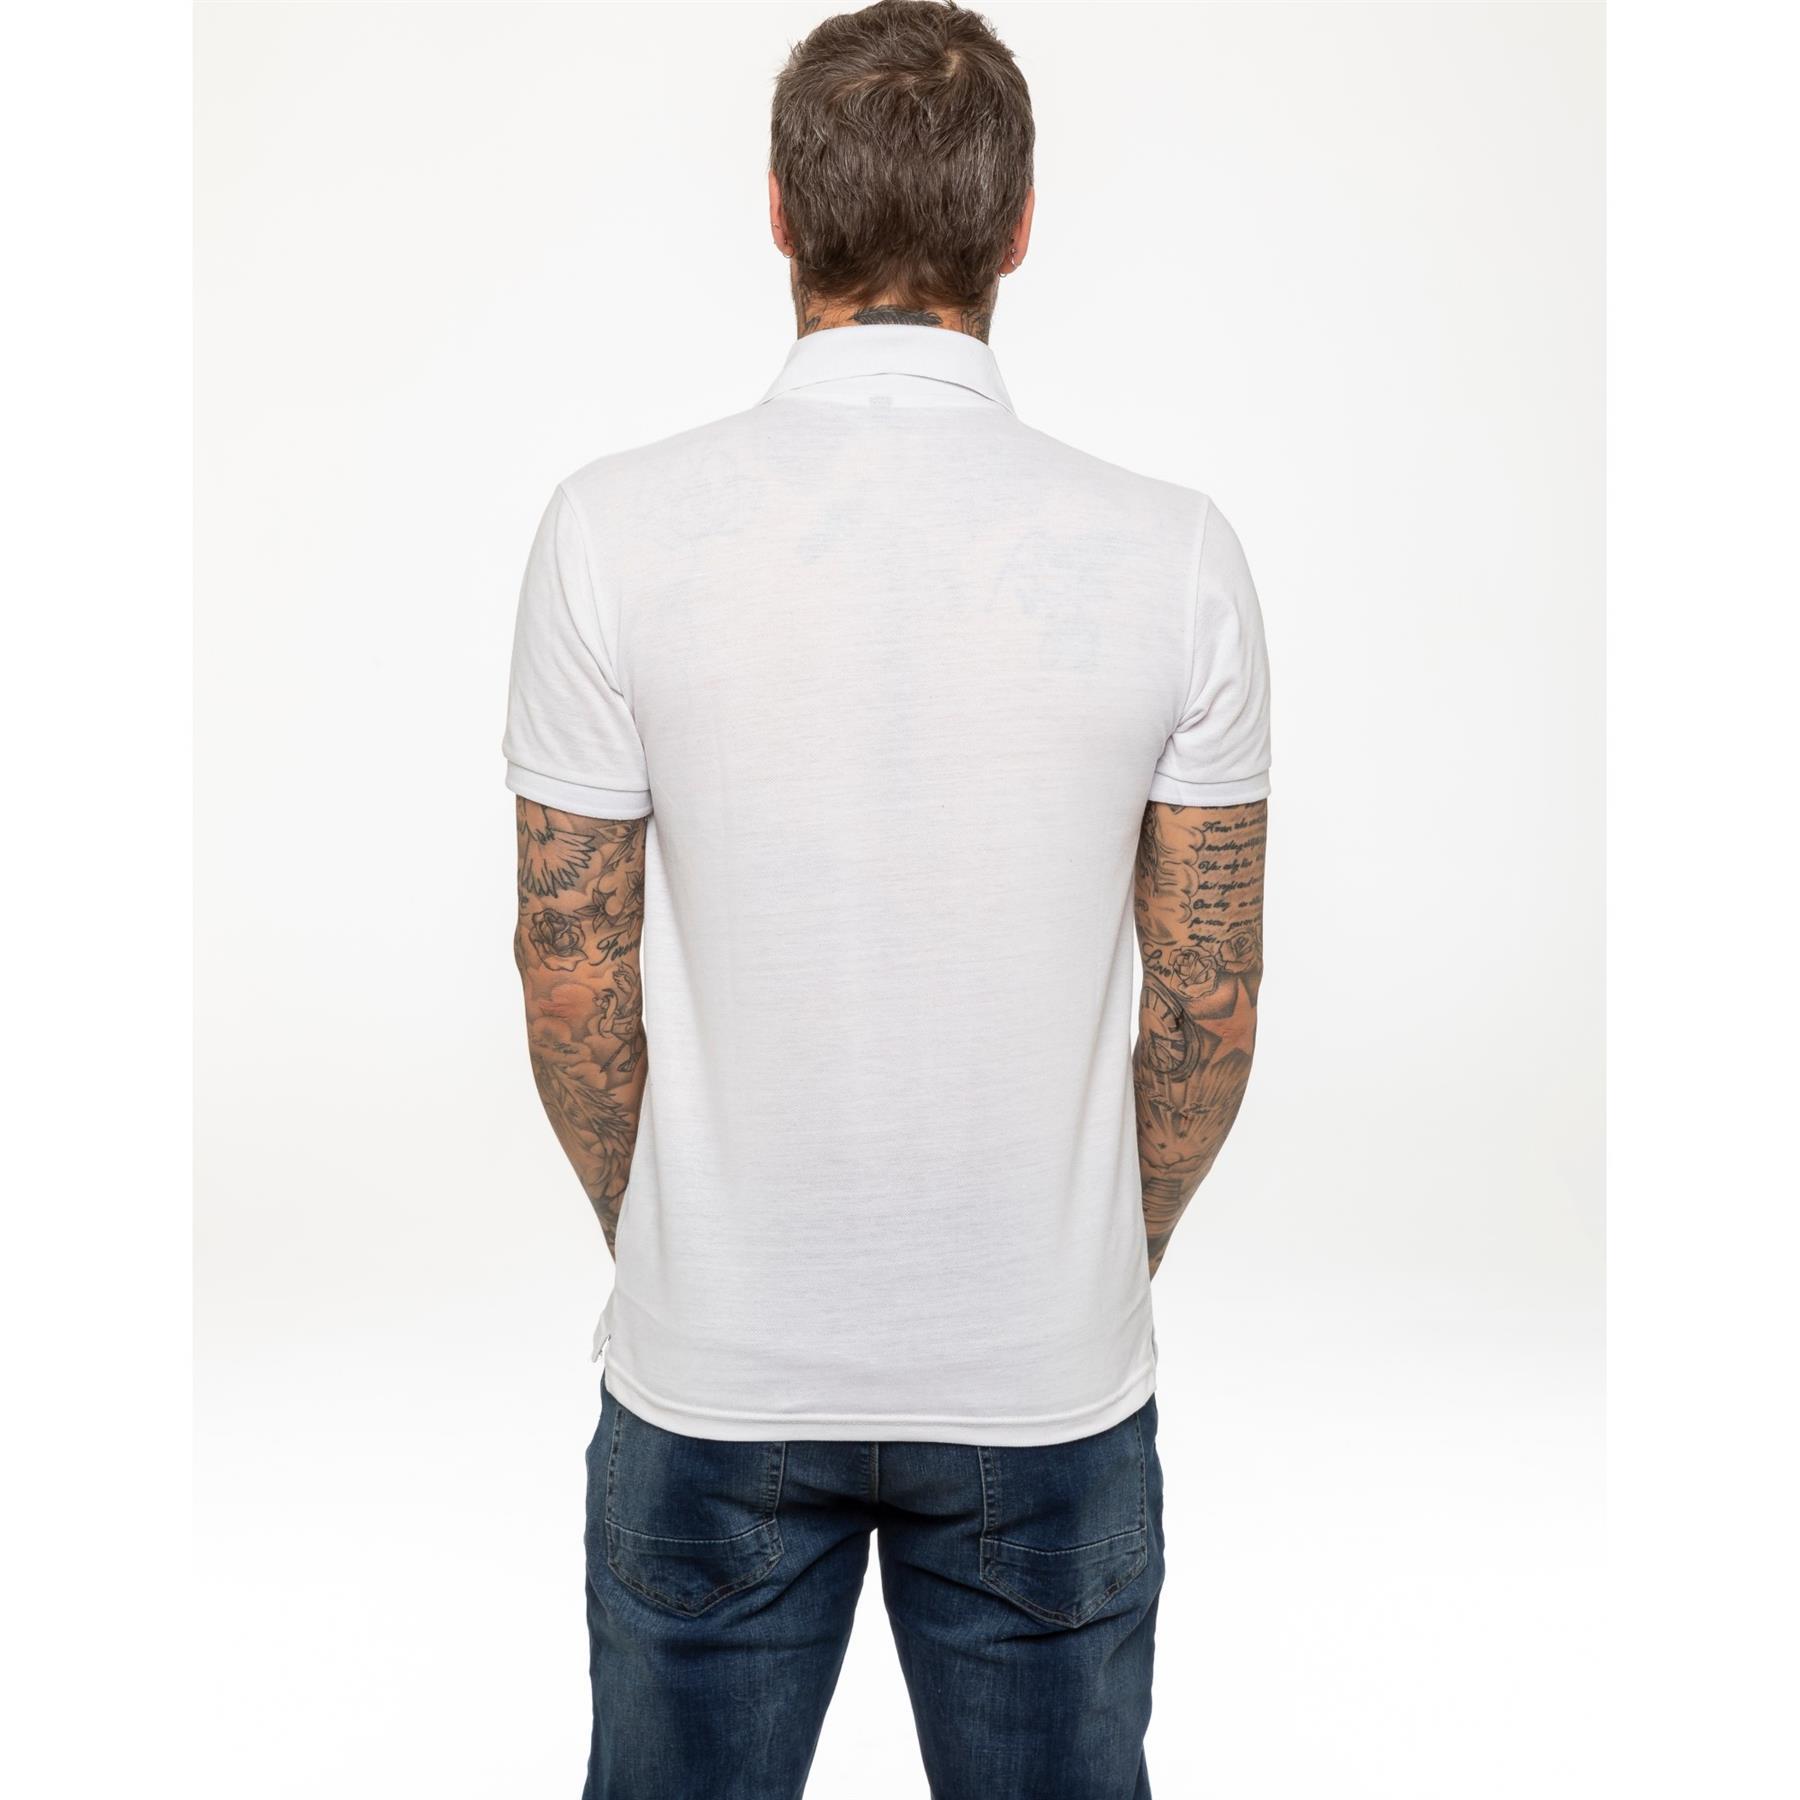 Indexbild 60 - Herren Polohemd Freizeit T-Shirts Neu Schlicht Kurzärmeliges Regular Fit